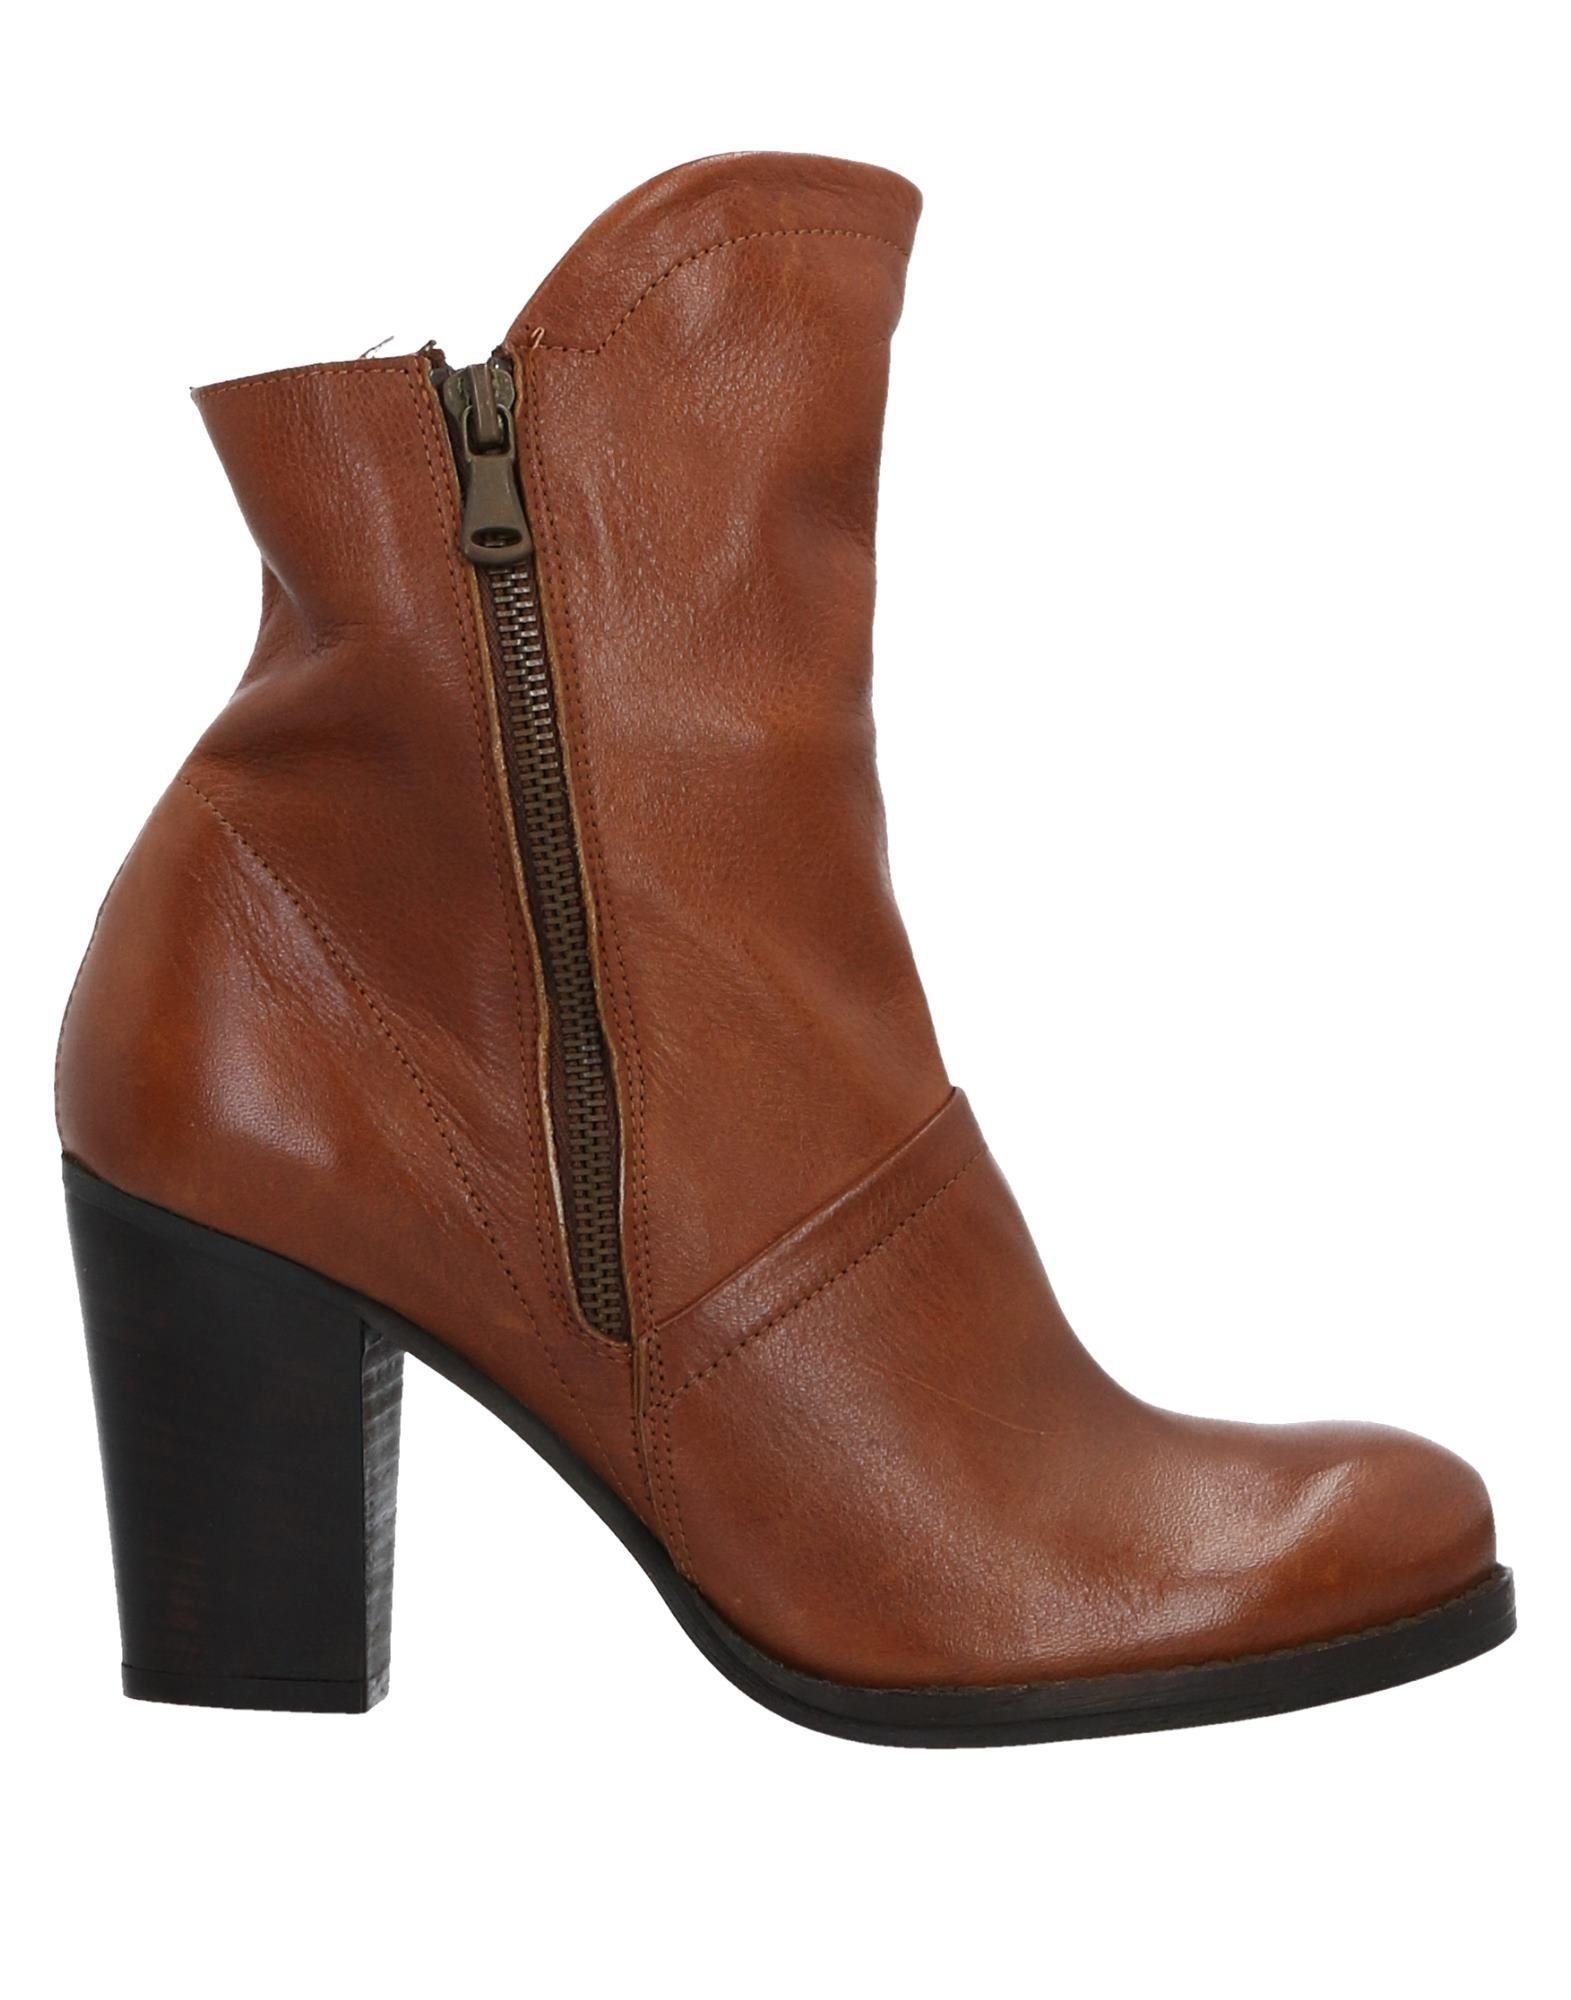 Tsakiris Mallas Stiefelette Damen  Schuhe 11523153WU Gute Qualität beliebte Schuhe  846a9a